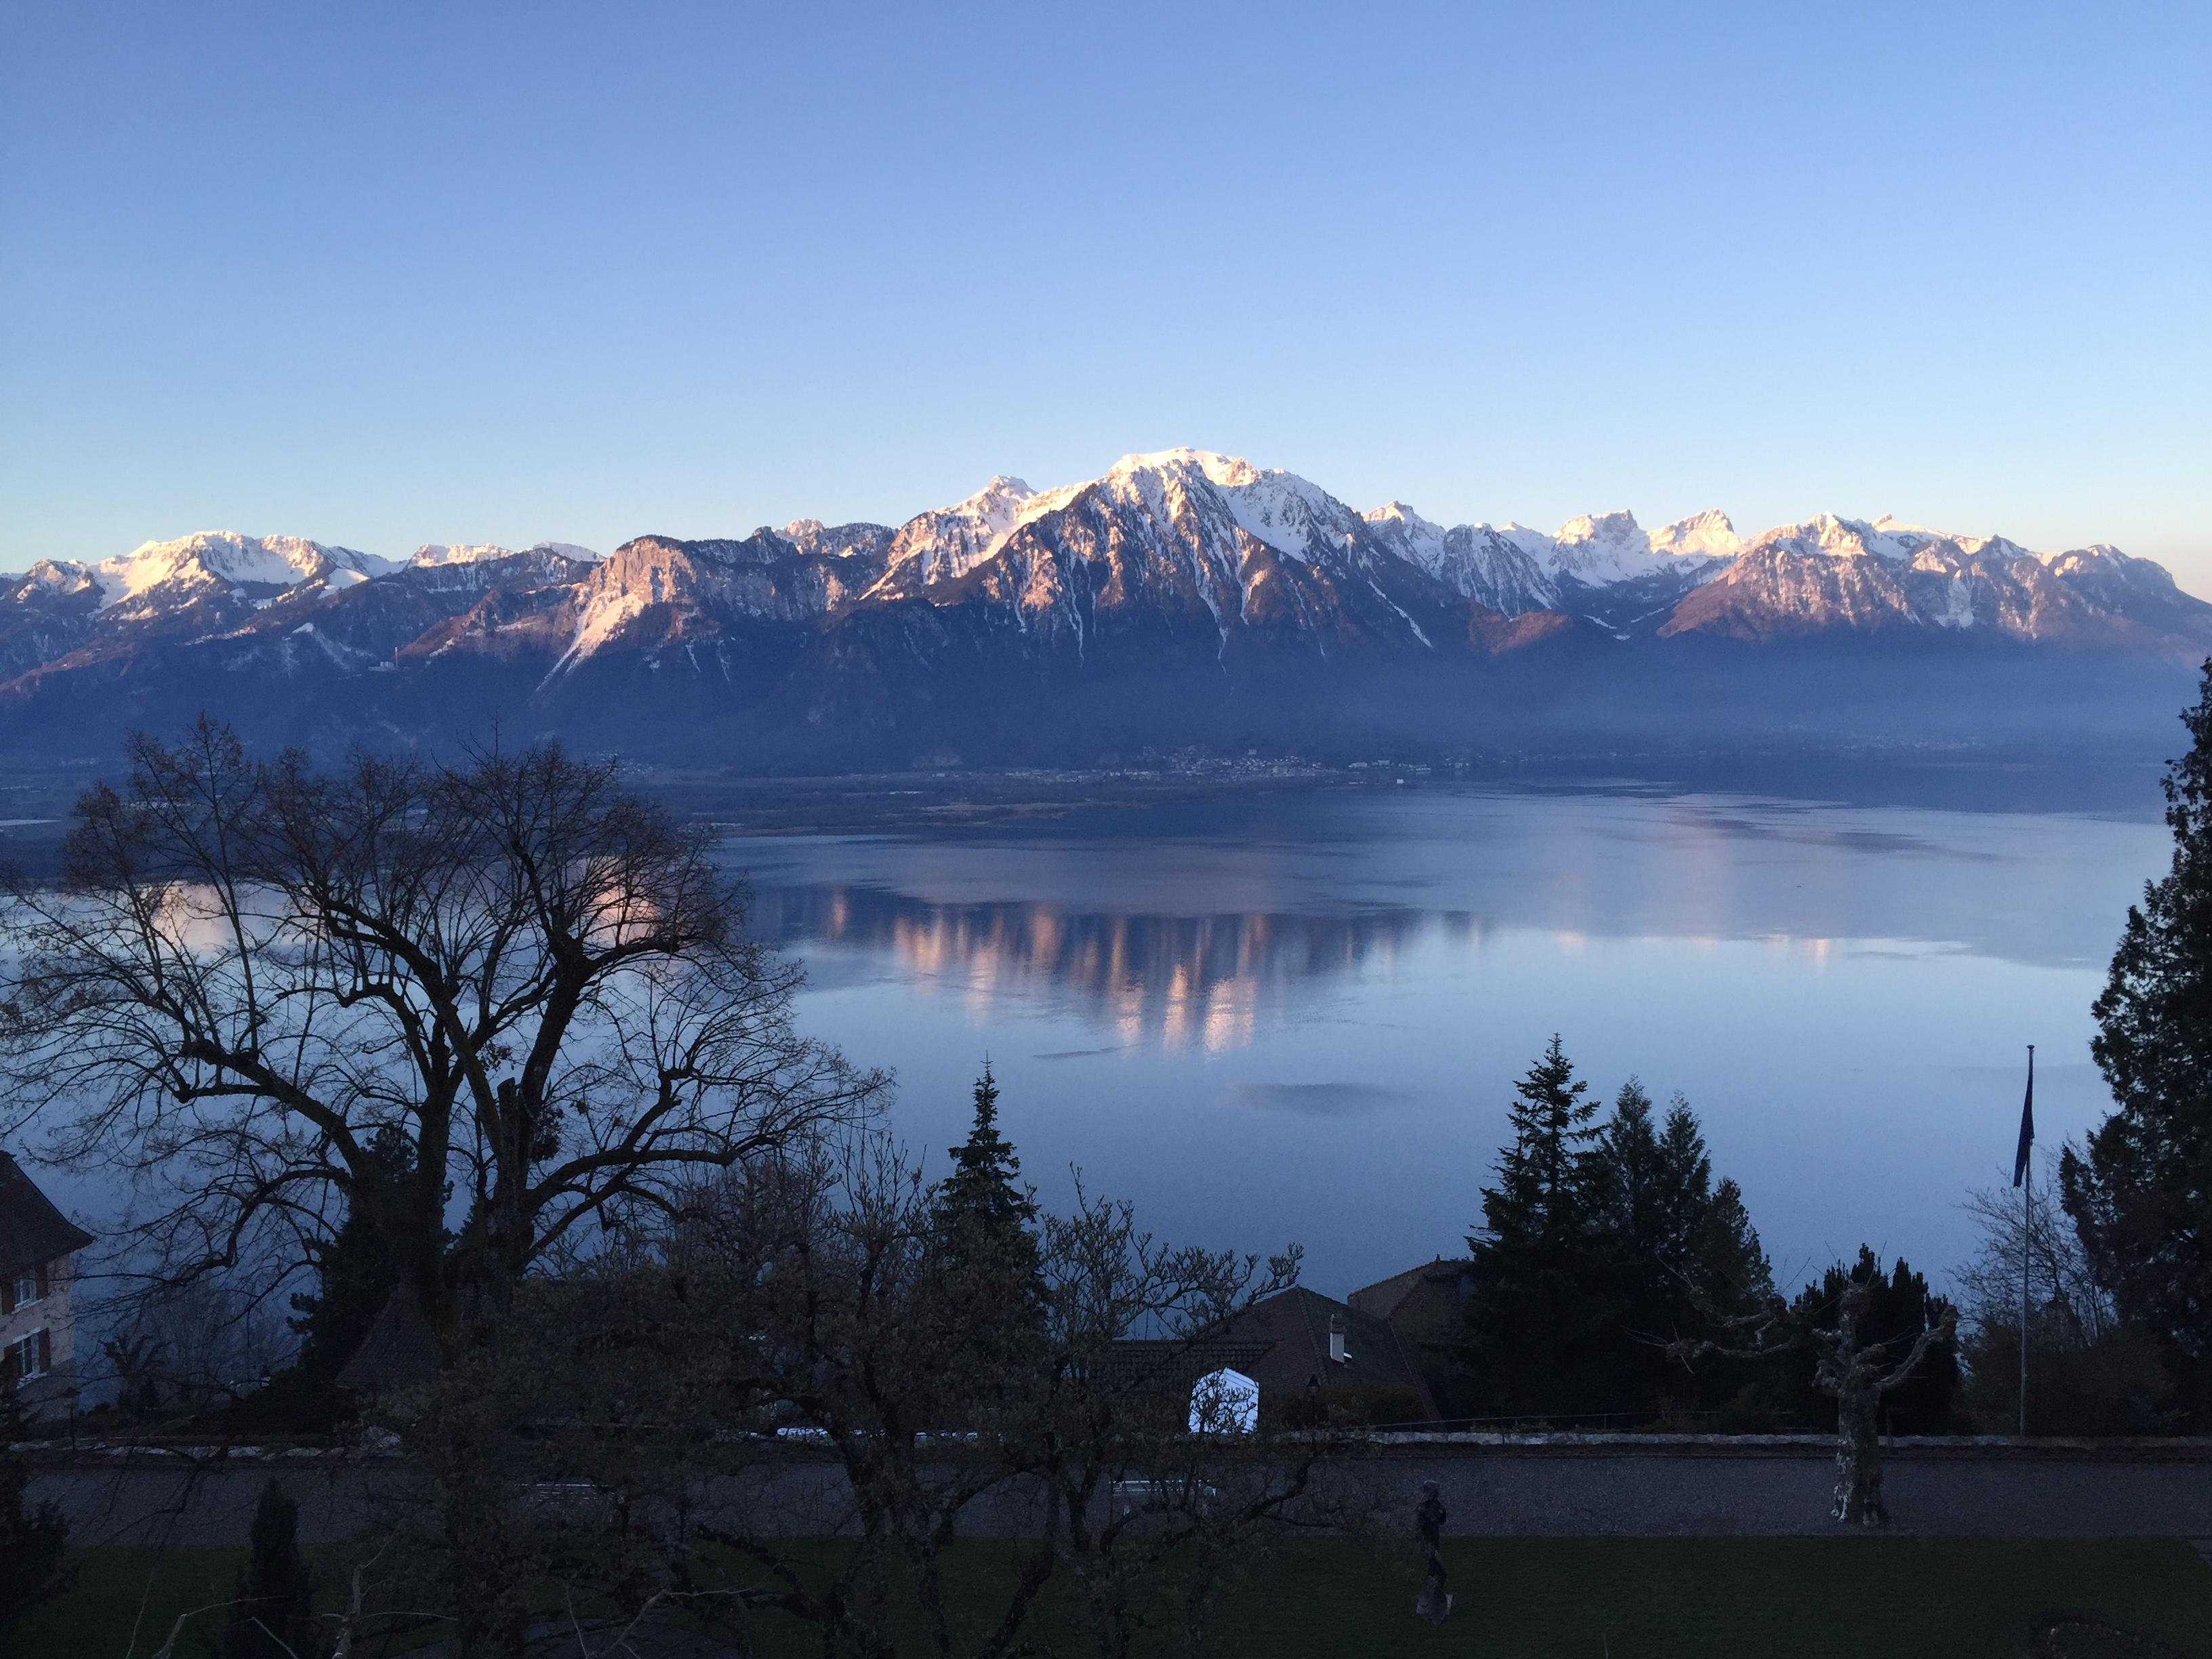 Utsikt över bergen på andra sidan Genèvesjön från Montreux tidig morgon.